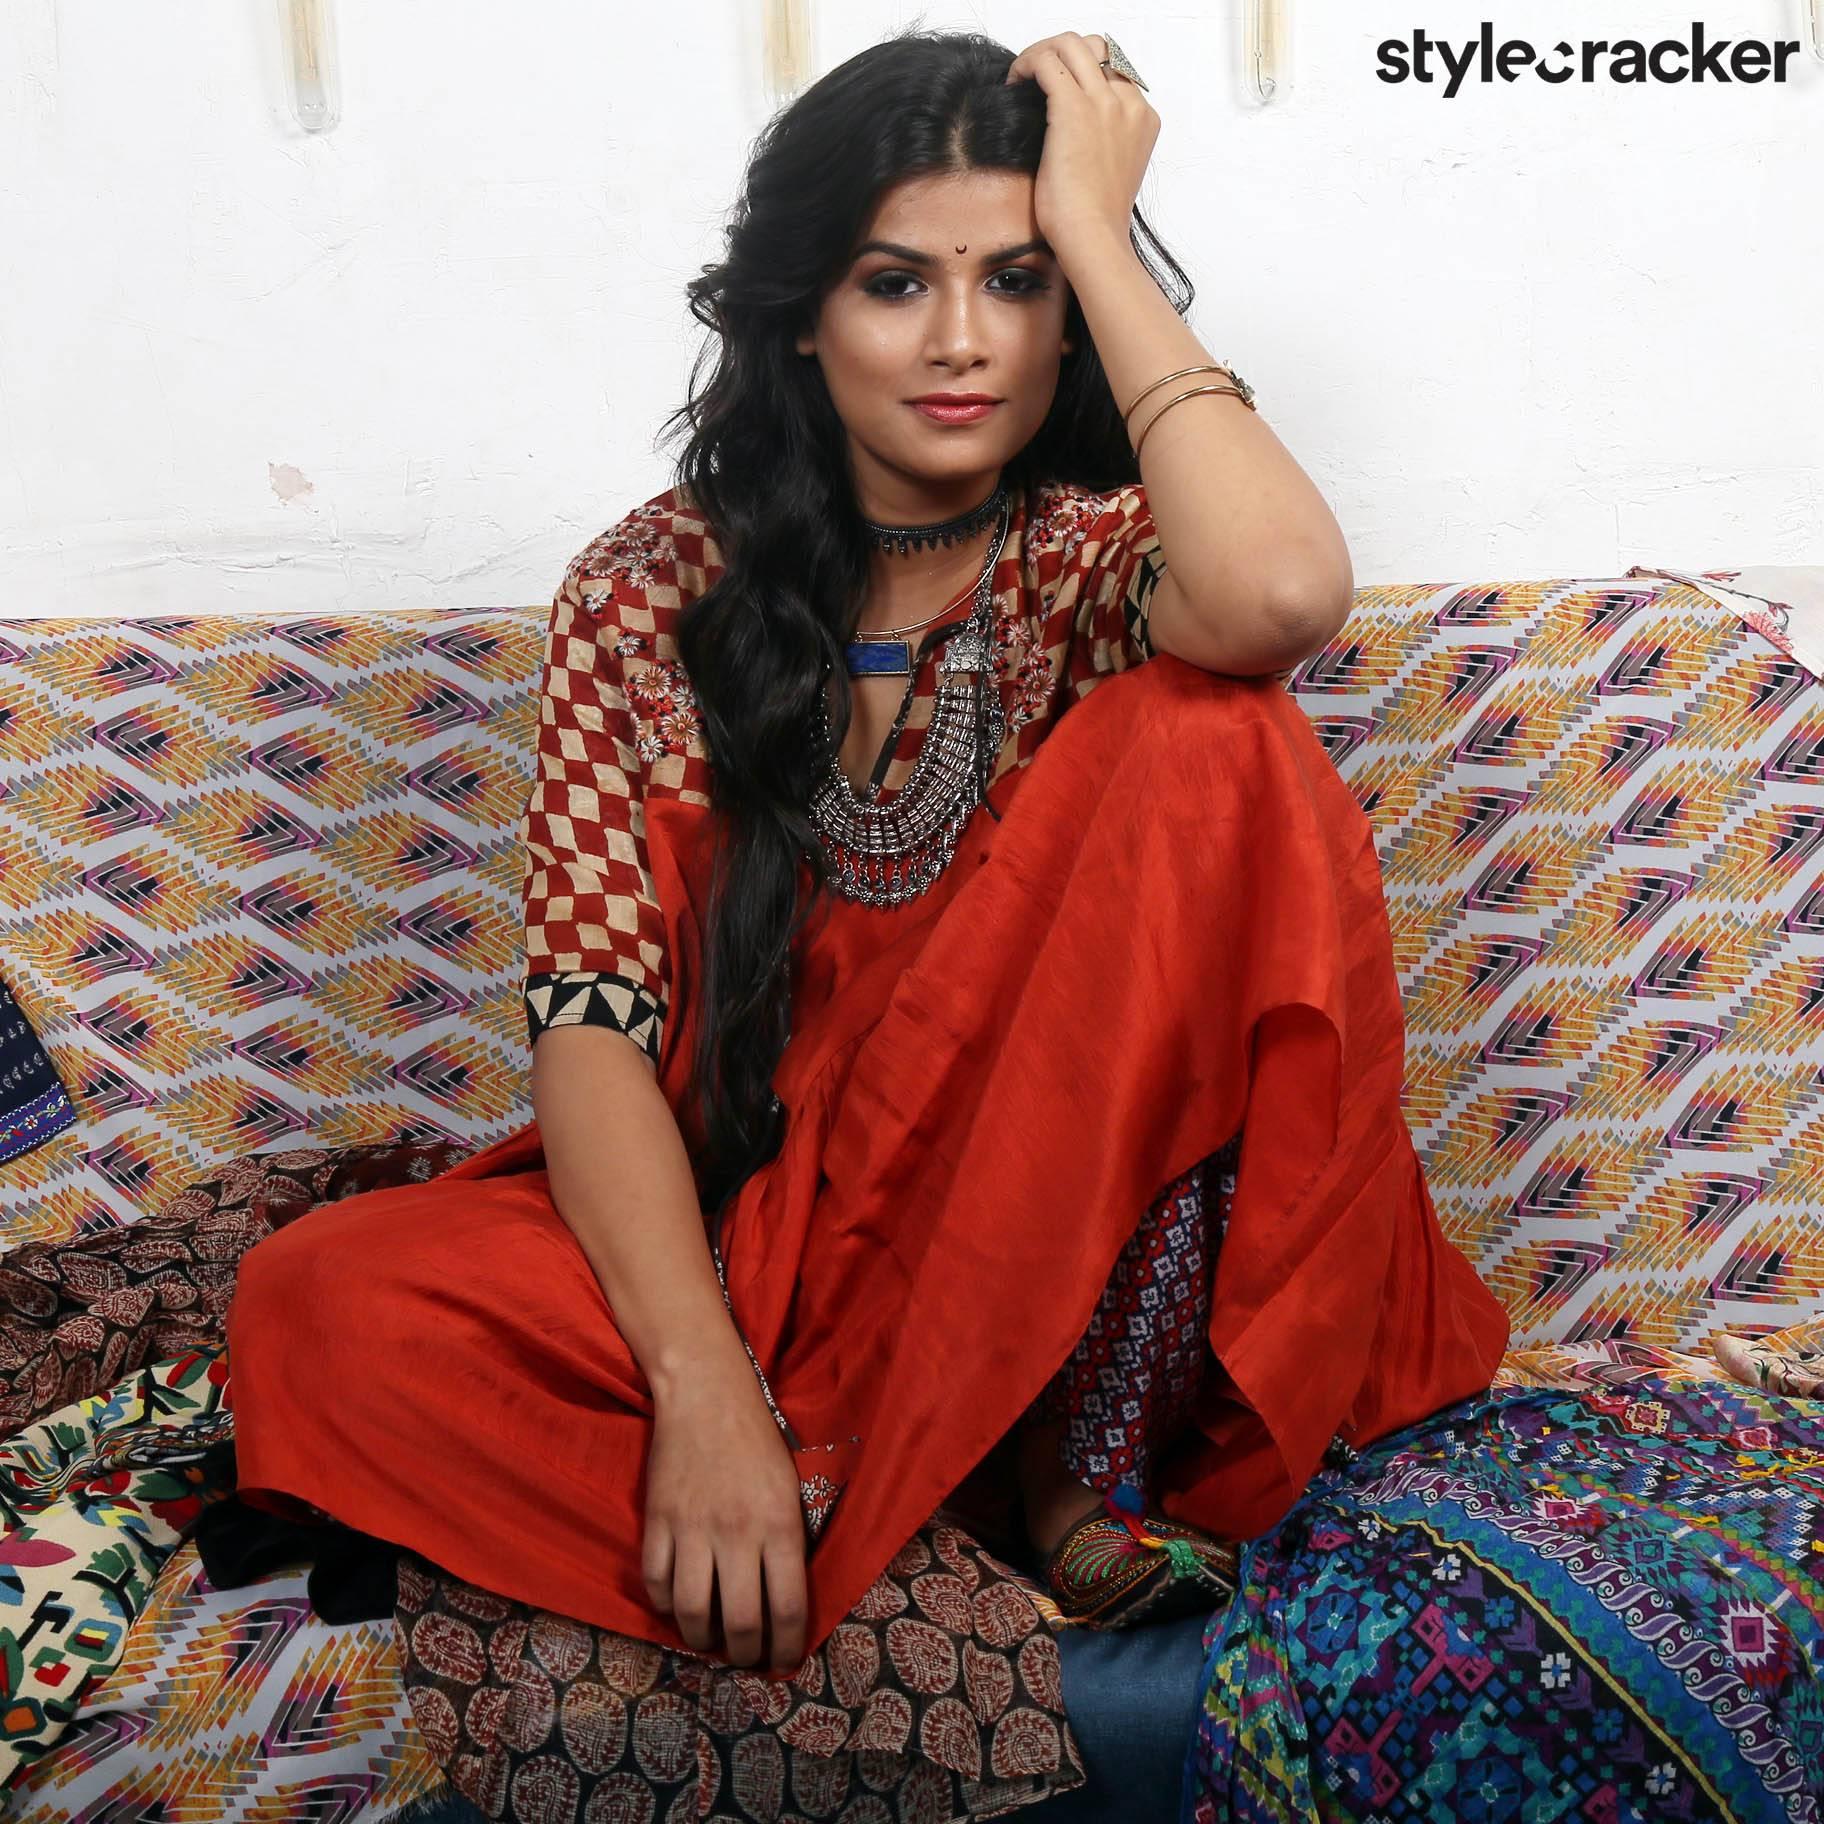 GetTheLook Gudipadwa Warmcolors Trend Indian - StyleCracker